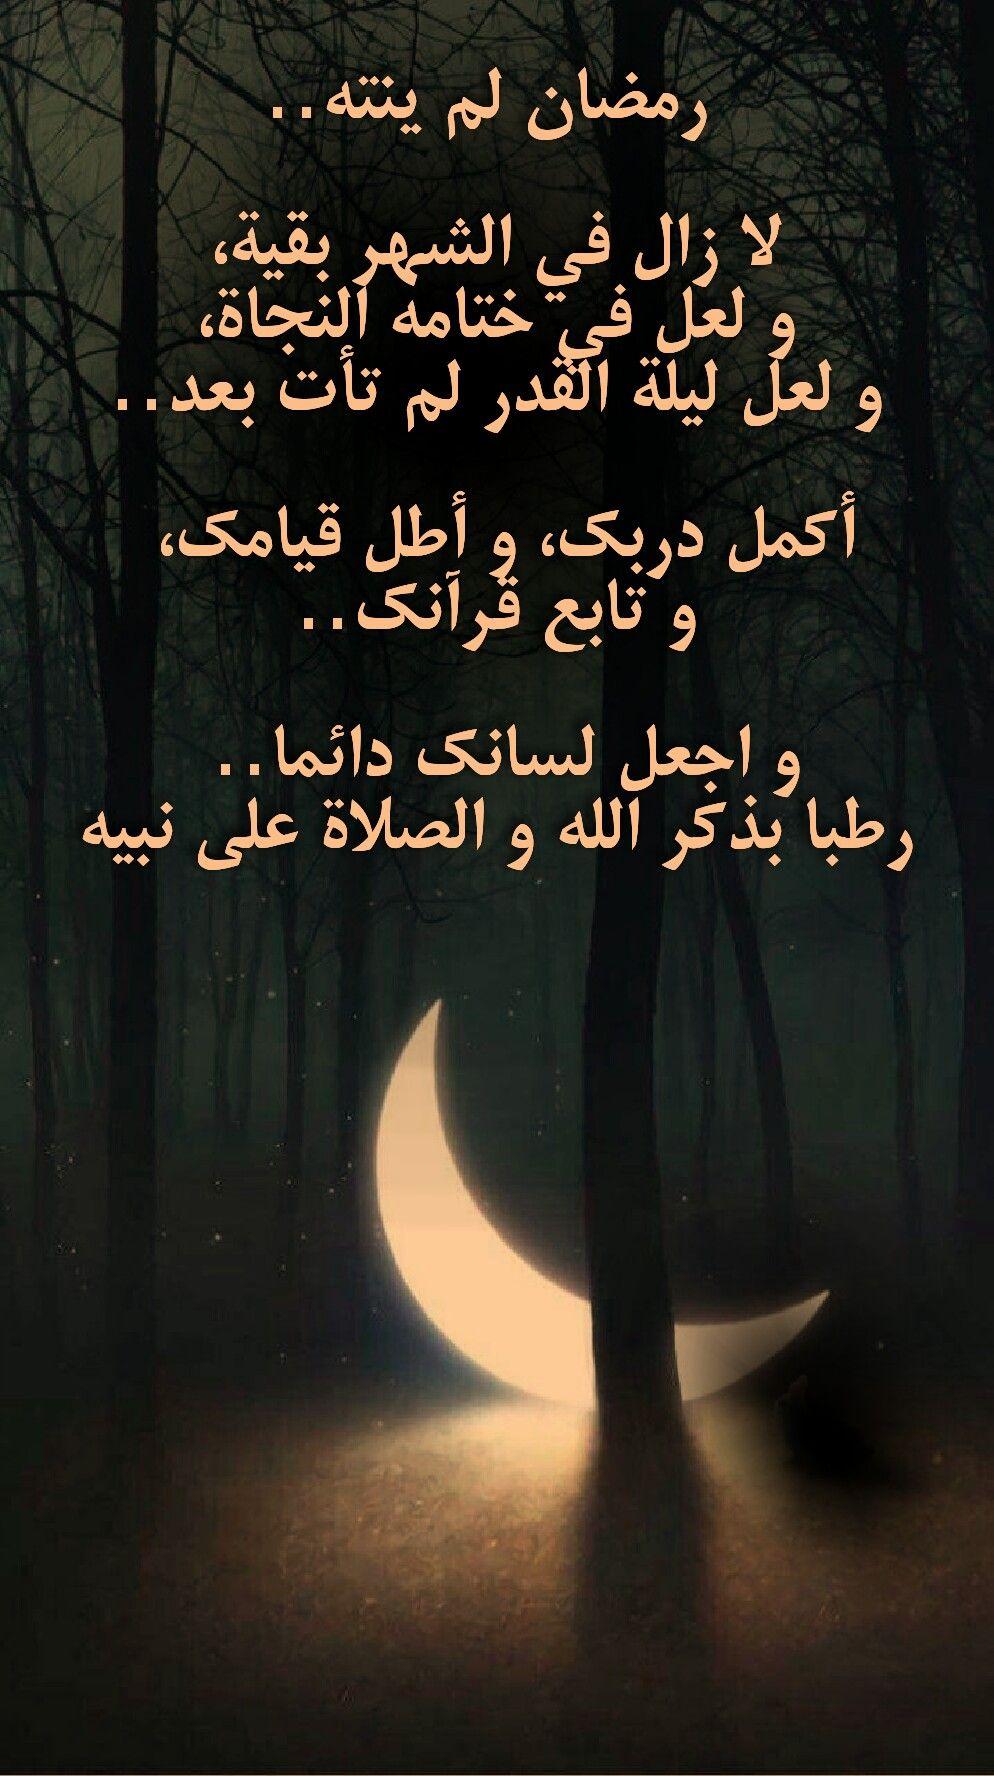 Pin By Ranya Anis On صباحيات و مسائيات Ramadan Ramadan Quotes Ramadan Kareem